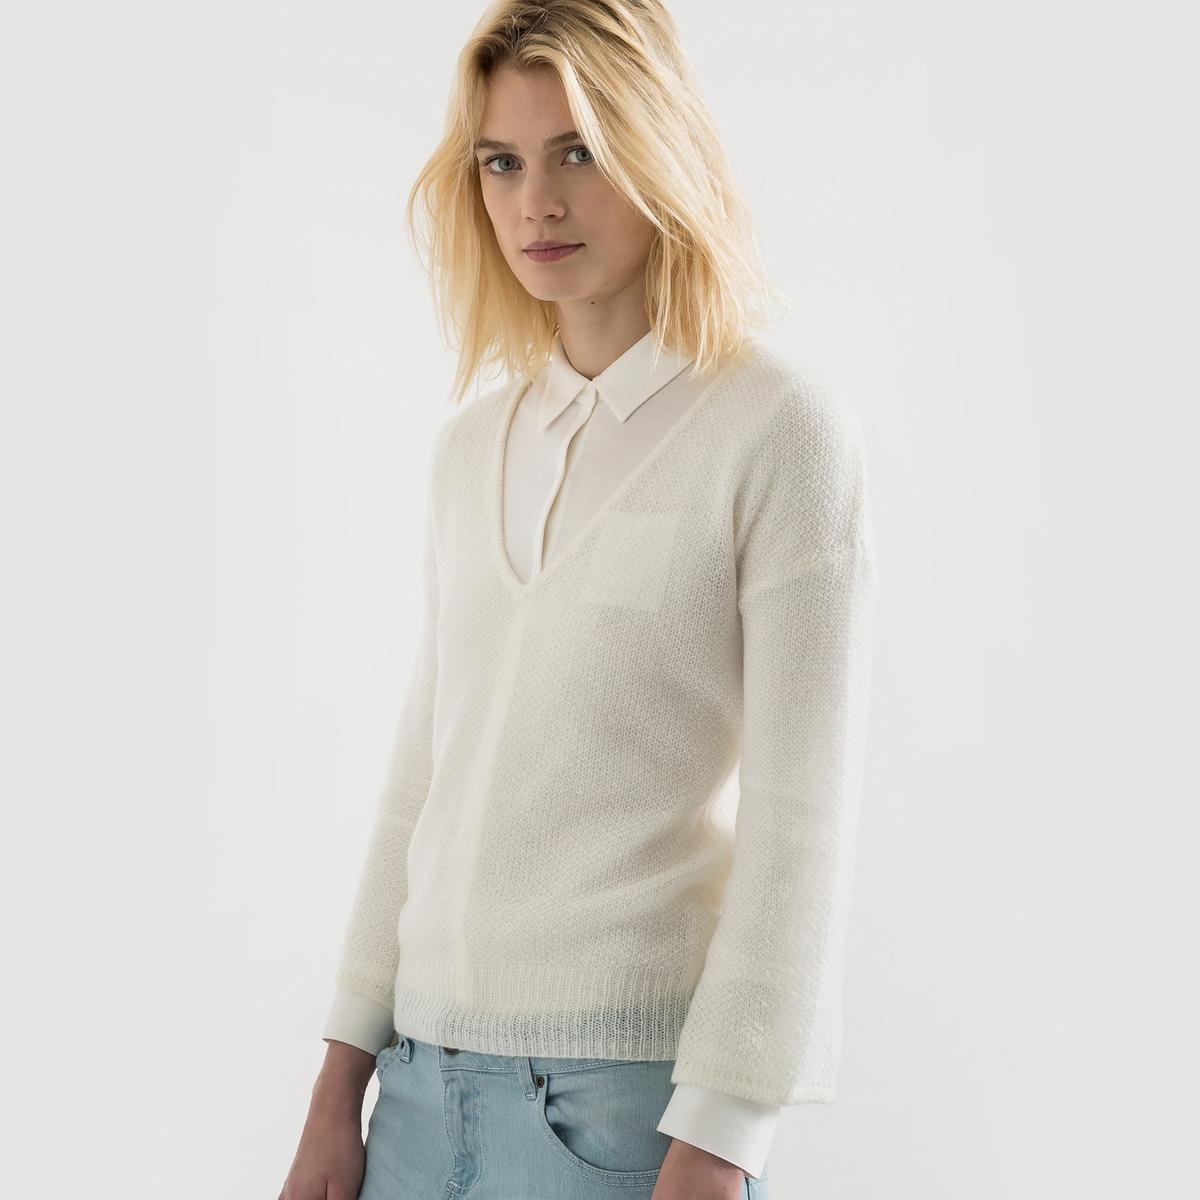 Пуловер с V-образным вырезом из воздушного трикотажаПуловер с V-образным вырезом. Изысканный женственный пуловер из воздушного трикотажа. Длинные рукава с приспущенными проймами.   Состав и описаниеМатериал : 55% акрила, 38% полиамида, 10% мохераДлина : 59 смУход Машинная стирка при 30 °С. Стирать и гладить с изнаночной стороны.<br><br>Цвет: слоновая кость<br>Размер: 42/44 (FR) - 48/50 (RUS).46/48 (FR) - 52/54 (RUS)